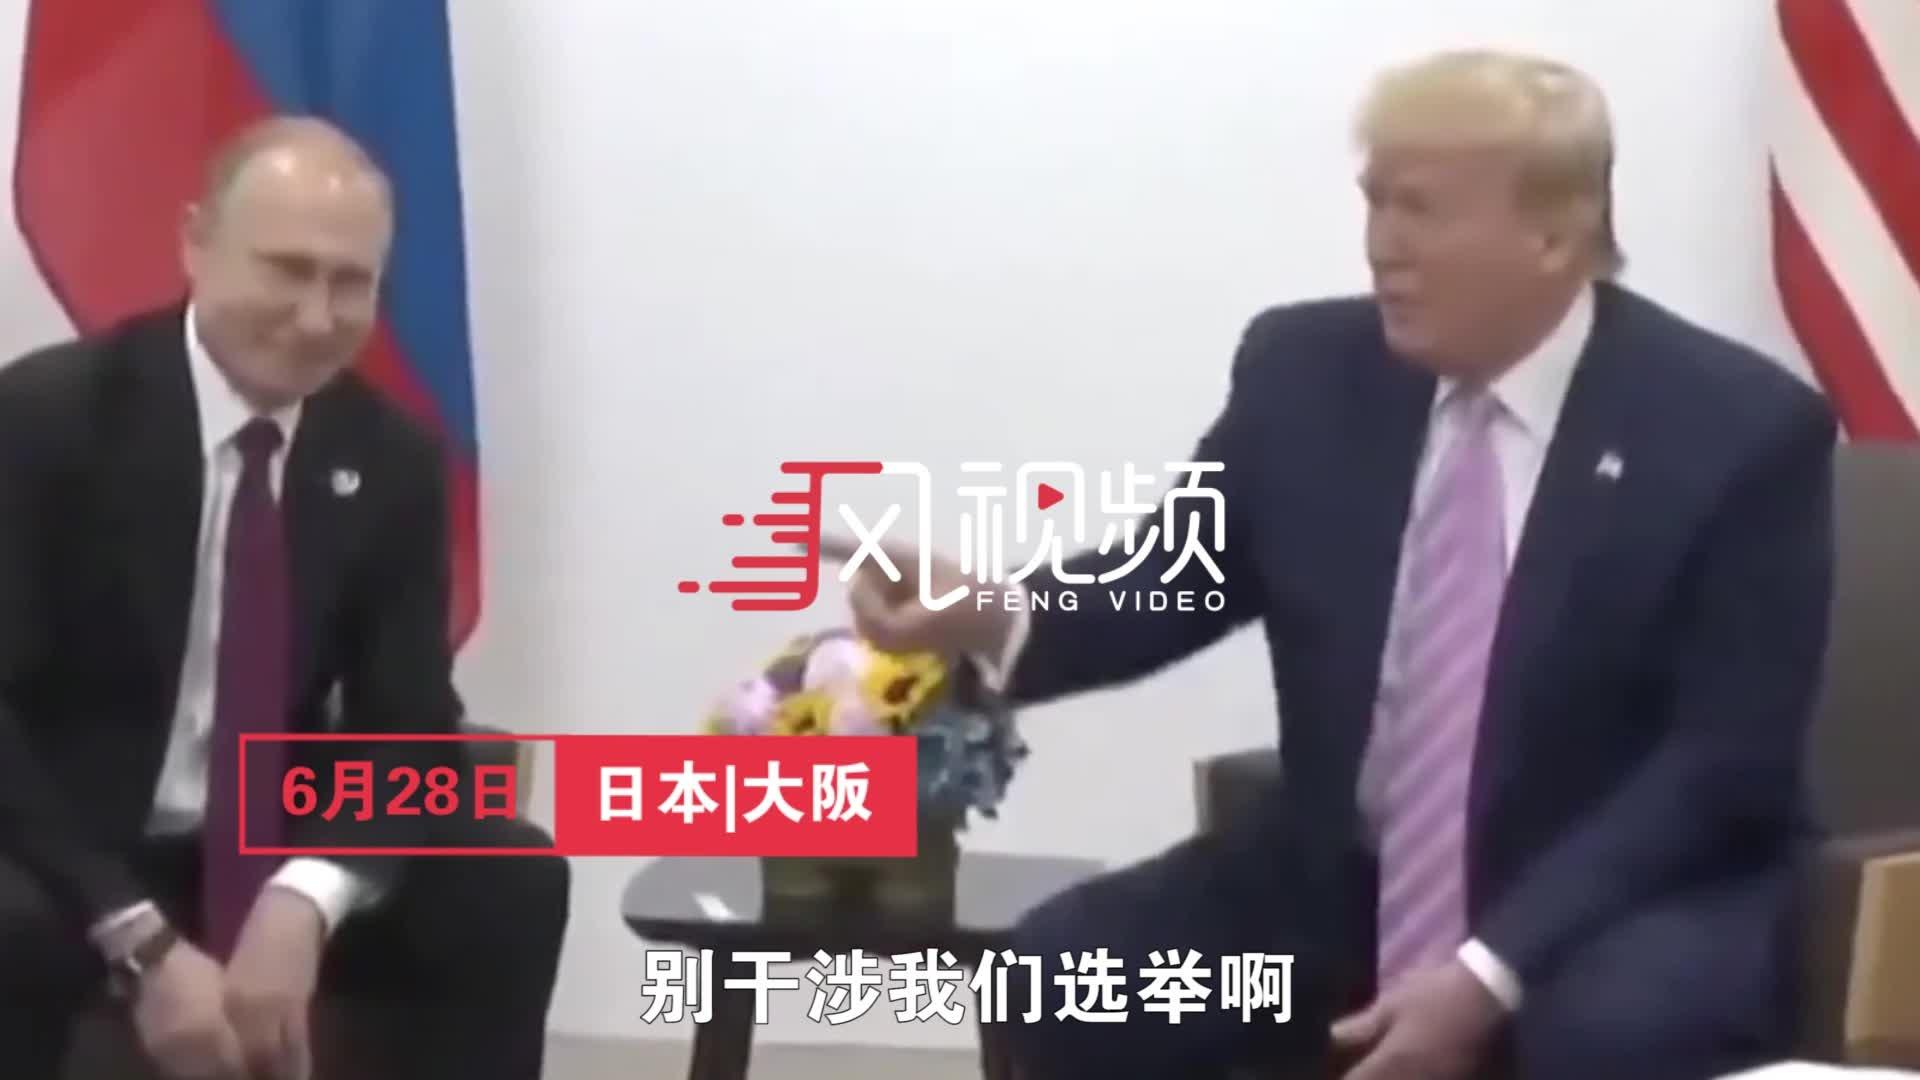 """特朗普指着普京""""你别干涉我们大选啊"""" 普京反而笑了"""